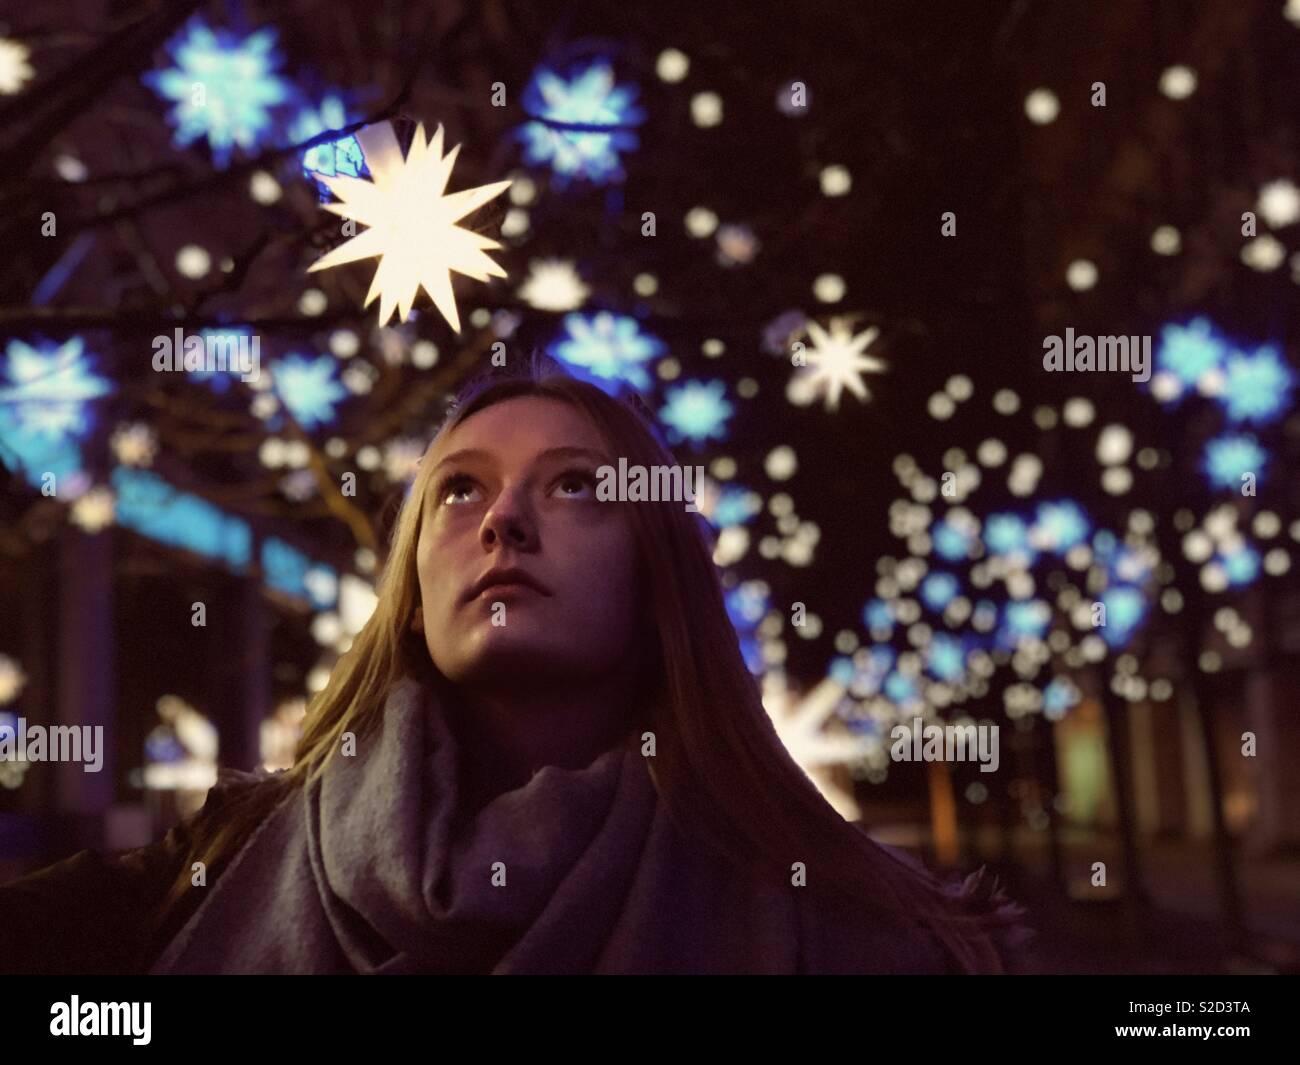 Hermosa joven mirando a una brillante estrella de navidad la decoración. Foto de stock